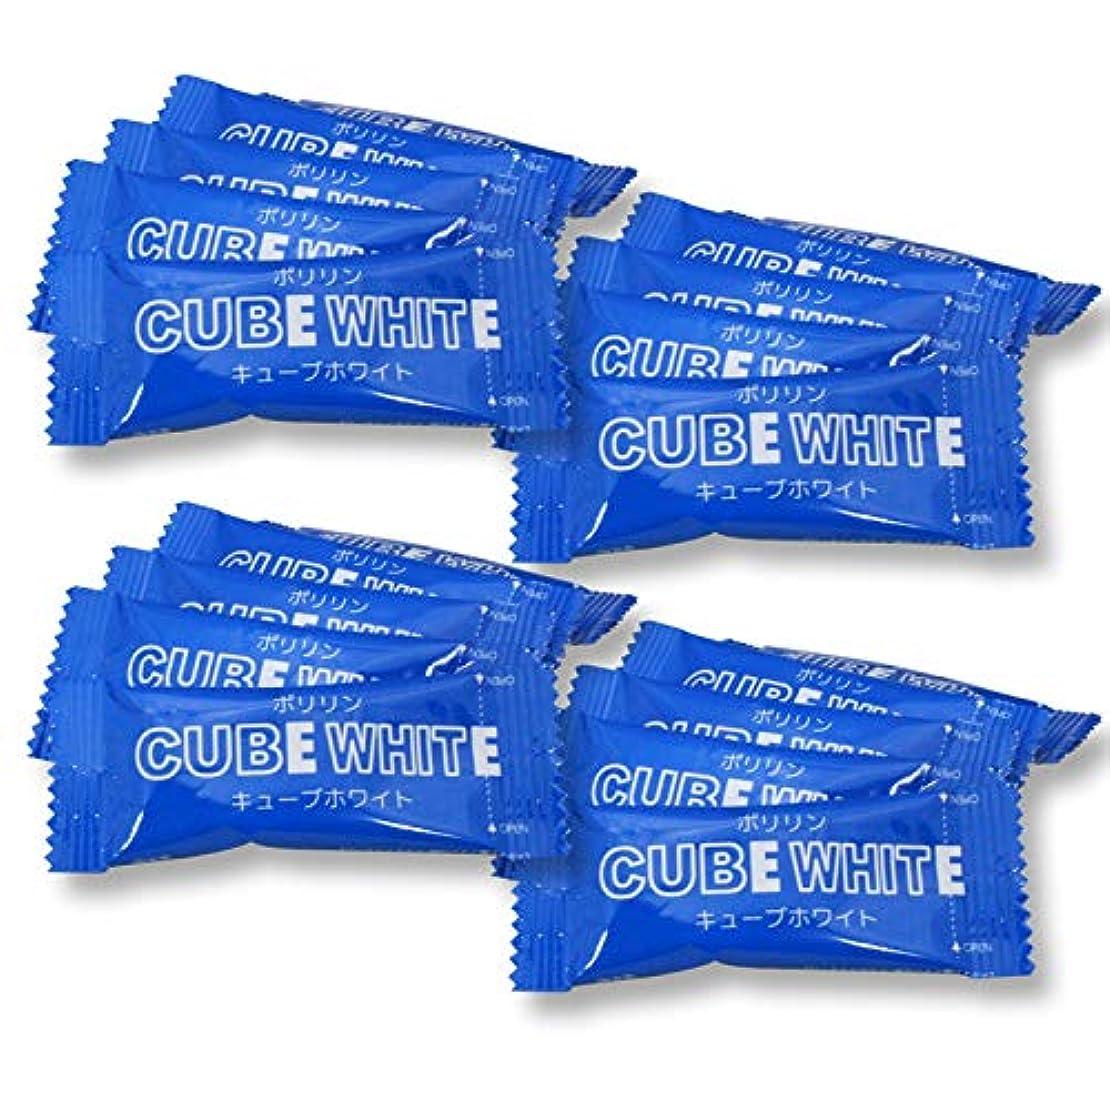 闘争腐食するアルカイックリジェンティス キューブホワイト 【20袋入】 歯面専用 スポンジ 歯 ブラシ 付き ホワイトニング 歯磨き